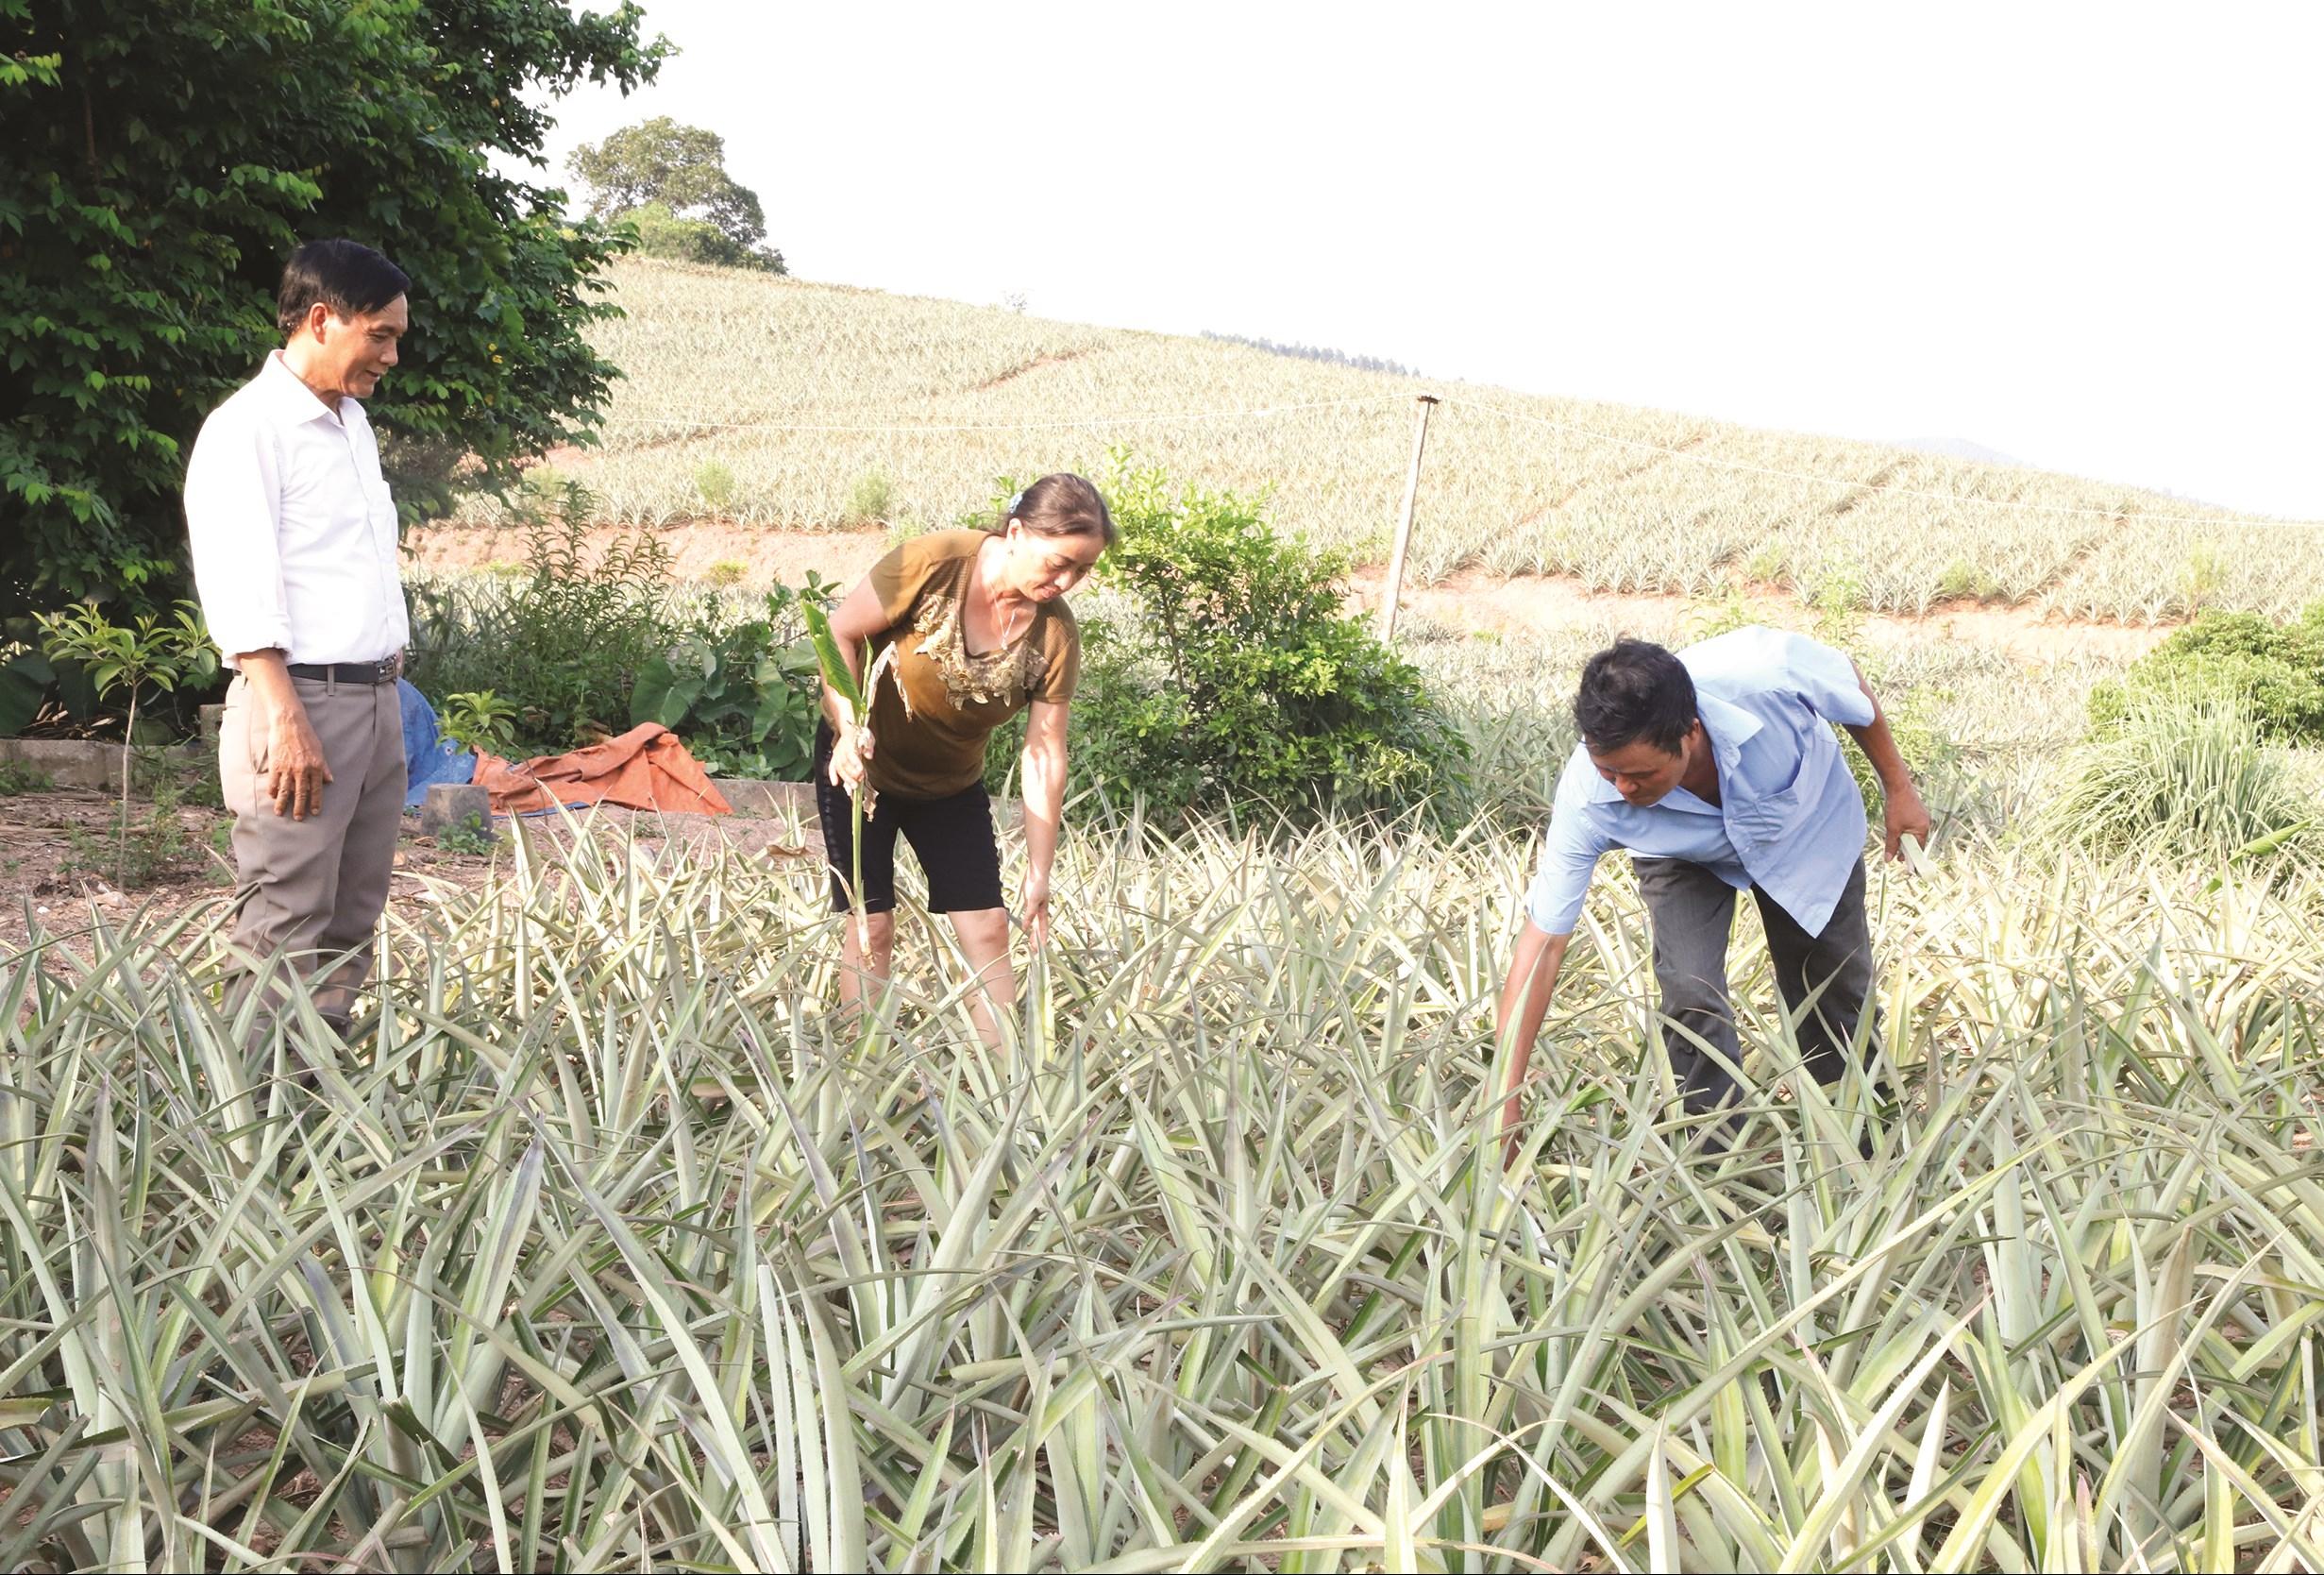 Người dân ở thôn Đồng Cống, xã Bảo Sơn, huyện Lục Nam được hỗ trợ vốn vay phát triển cây dứa mang lại hiệu quả kinh tế cao